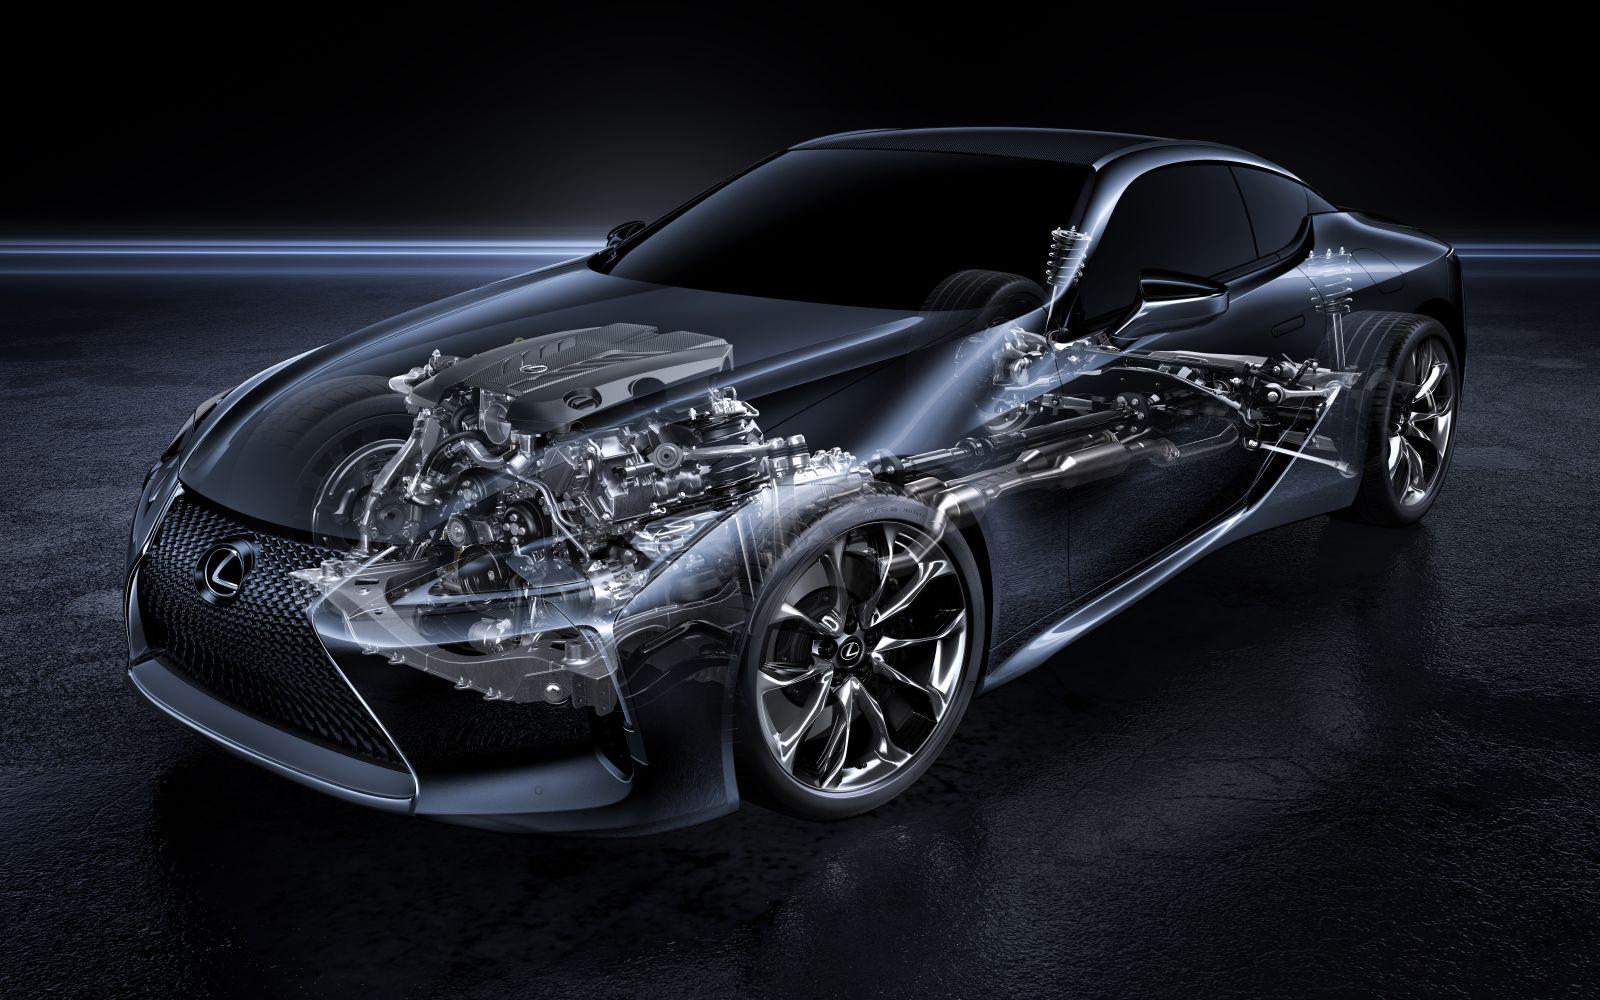 Lexus V8